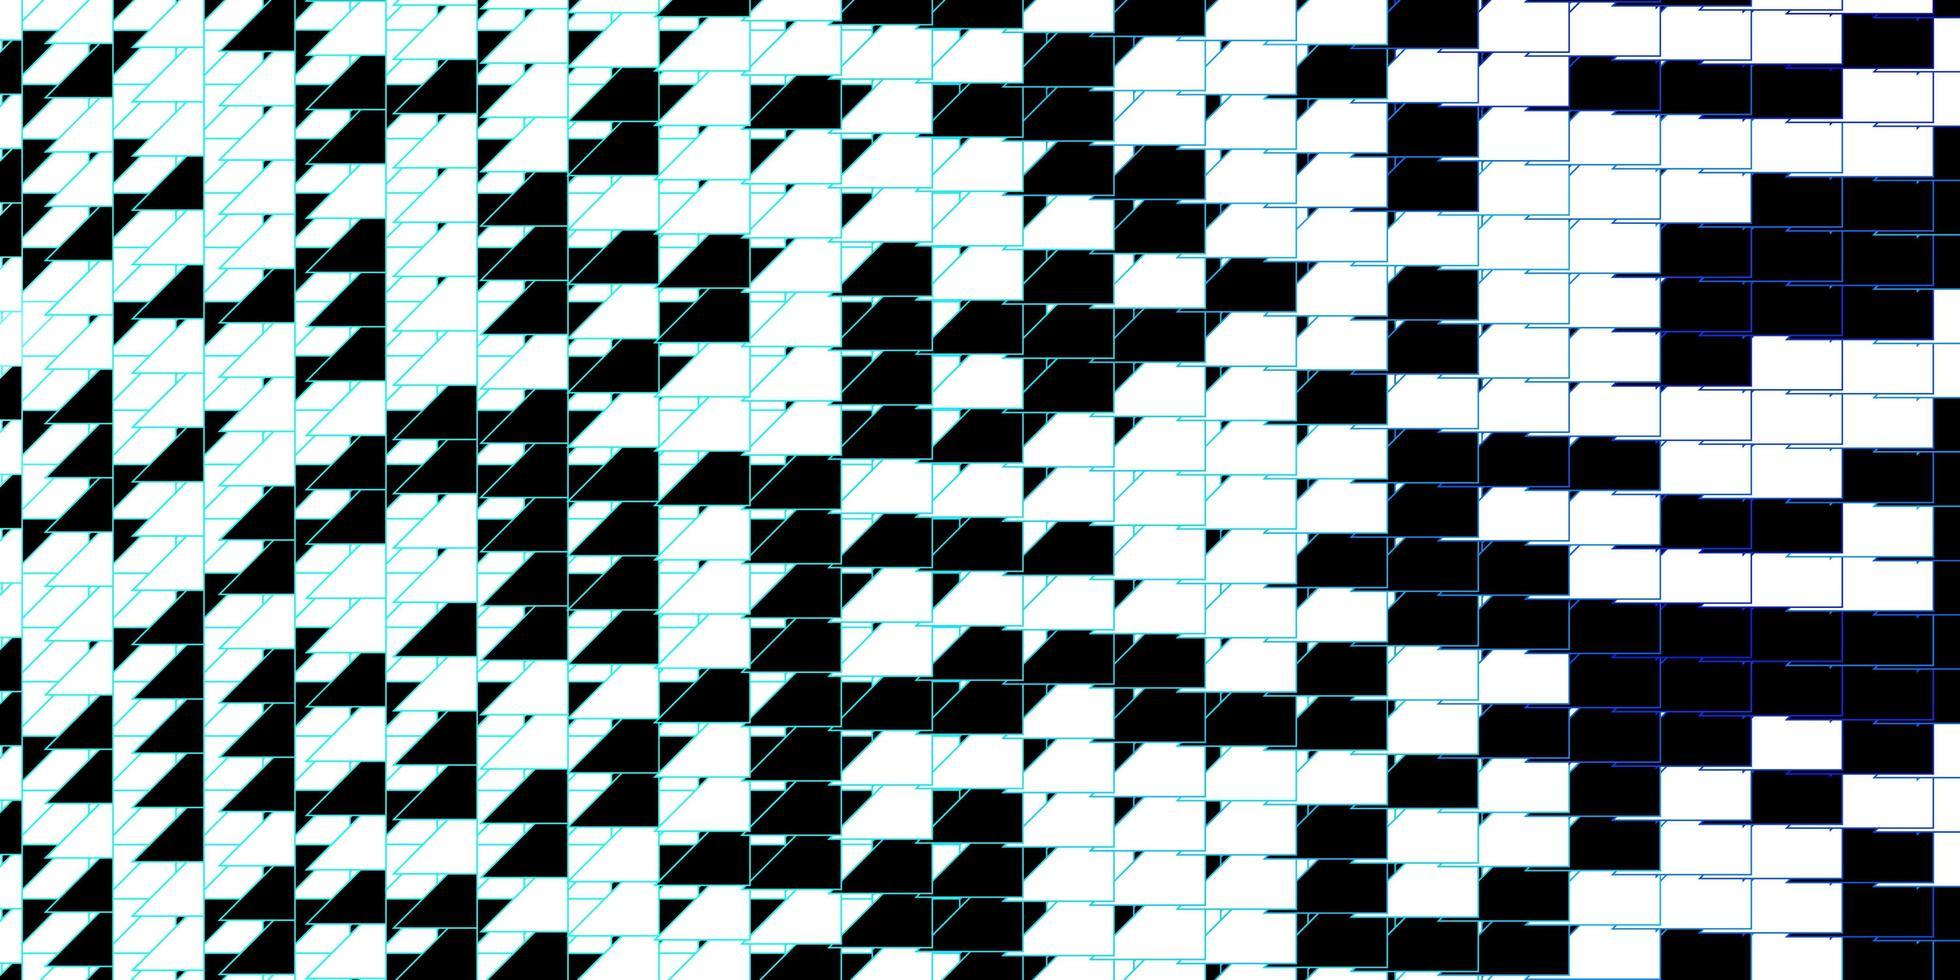 donkerblauwe vectorachtergrond met lijnen. vector